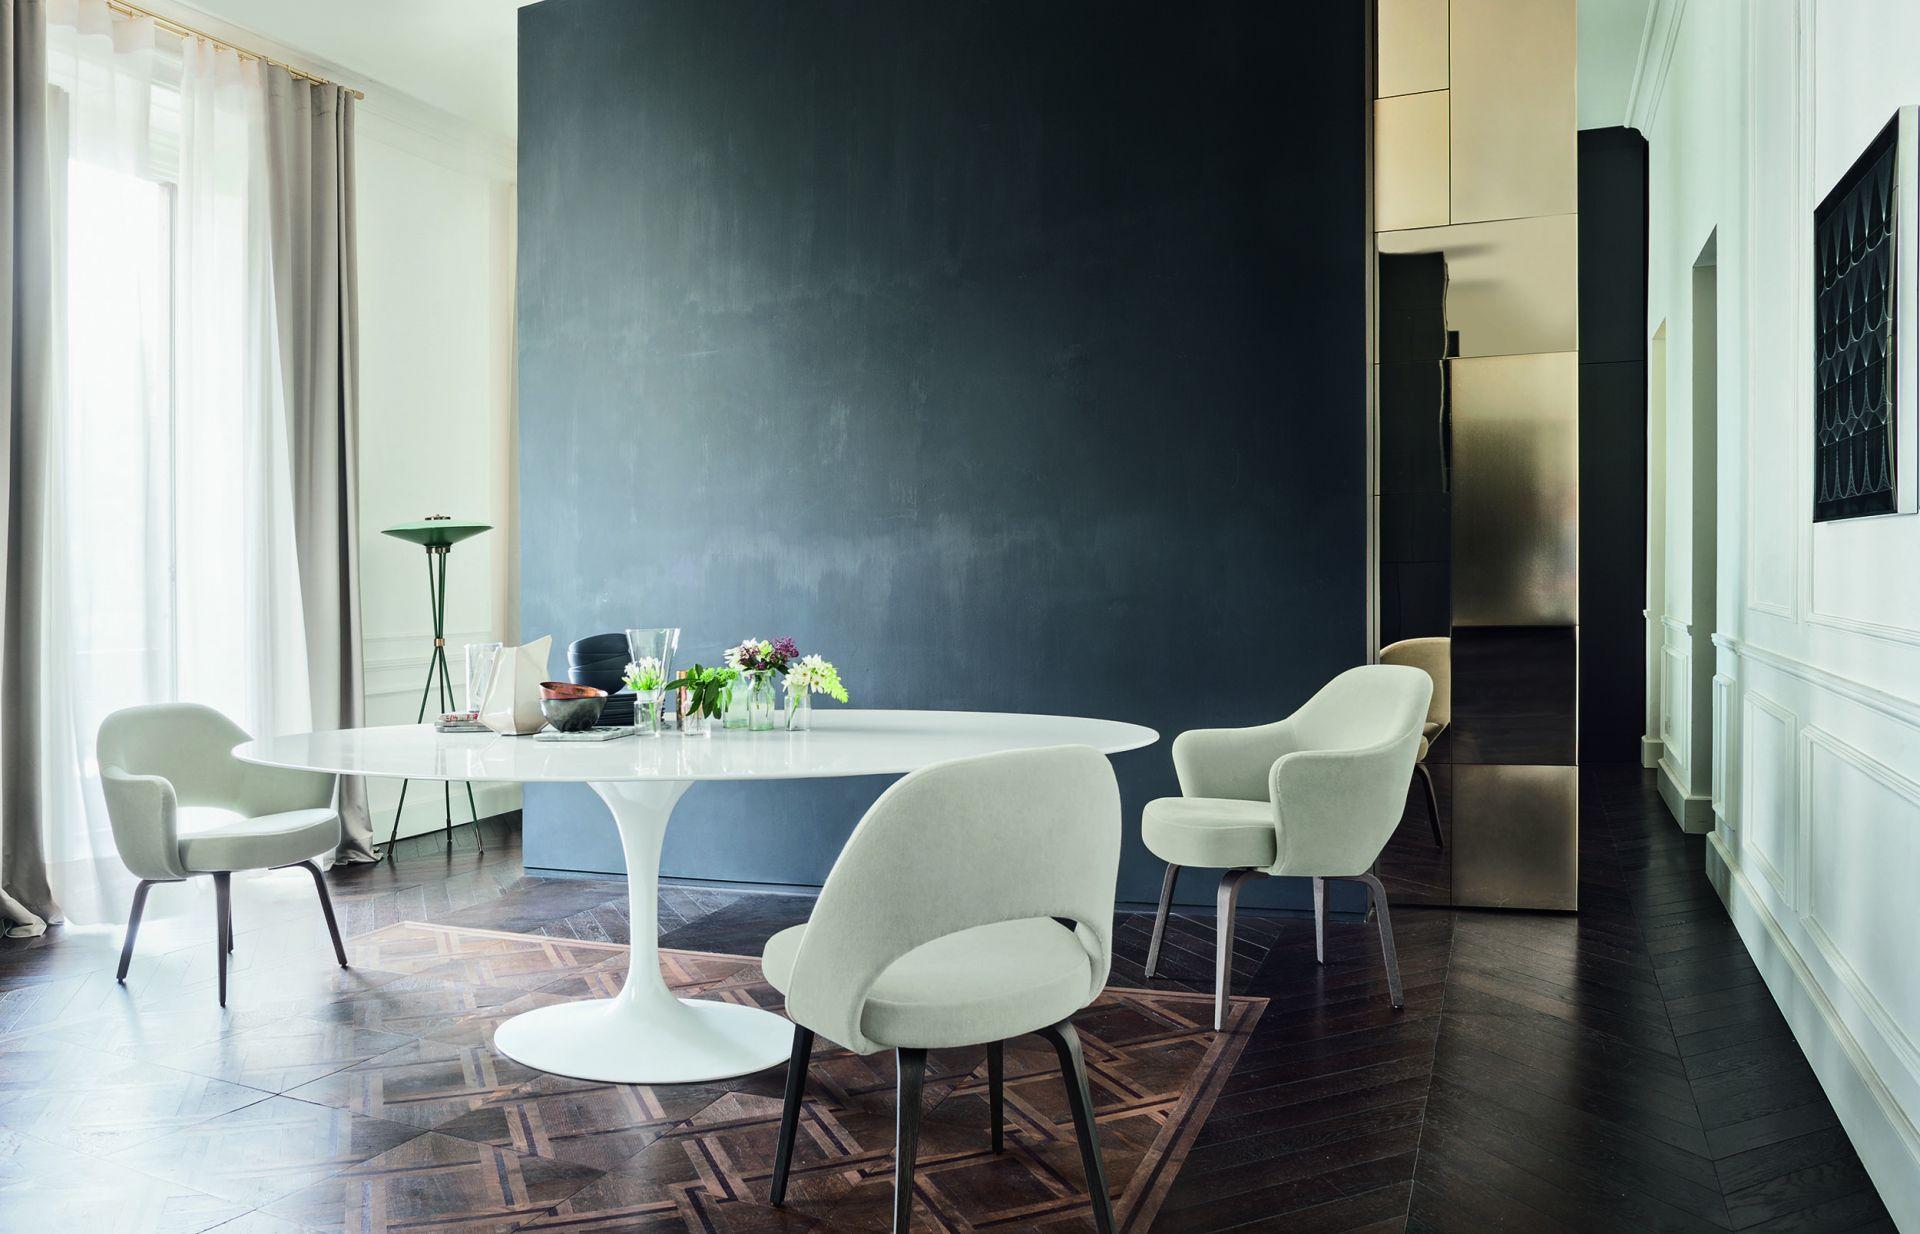 Saarinen Dining Table Studio Italia